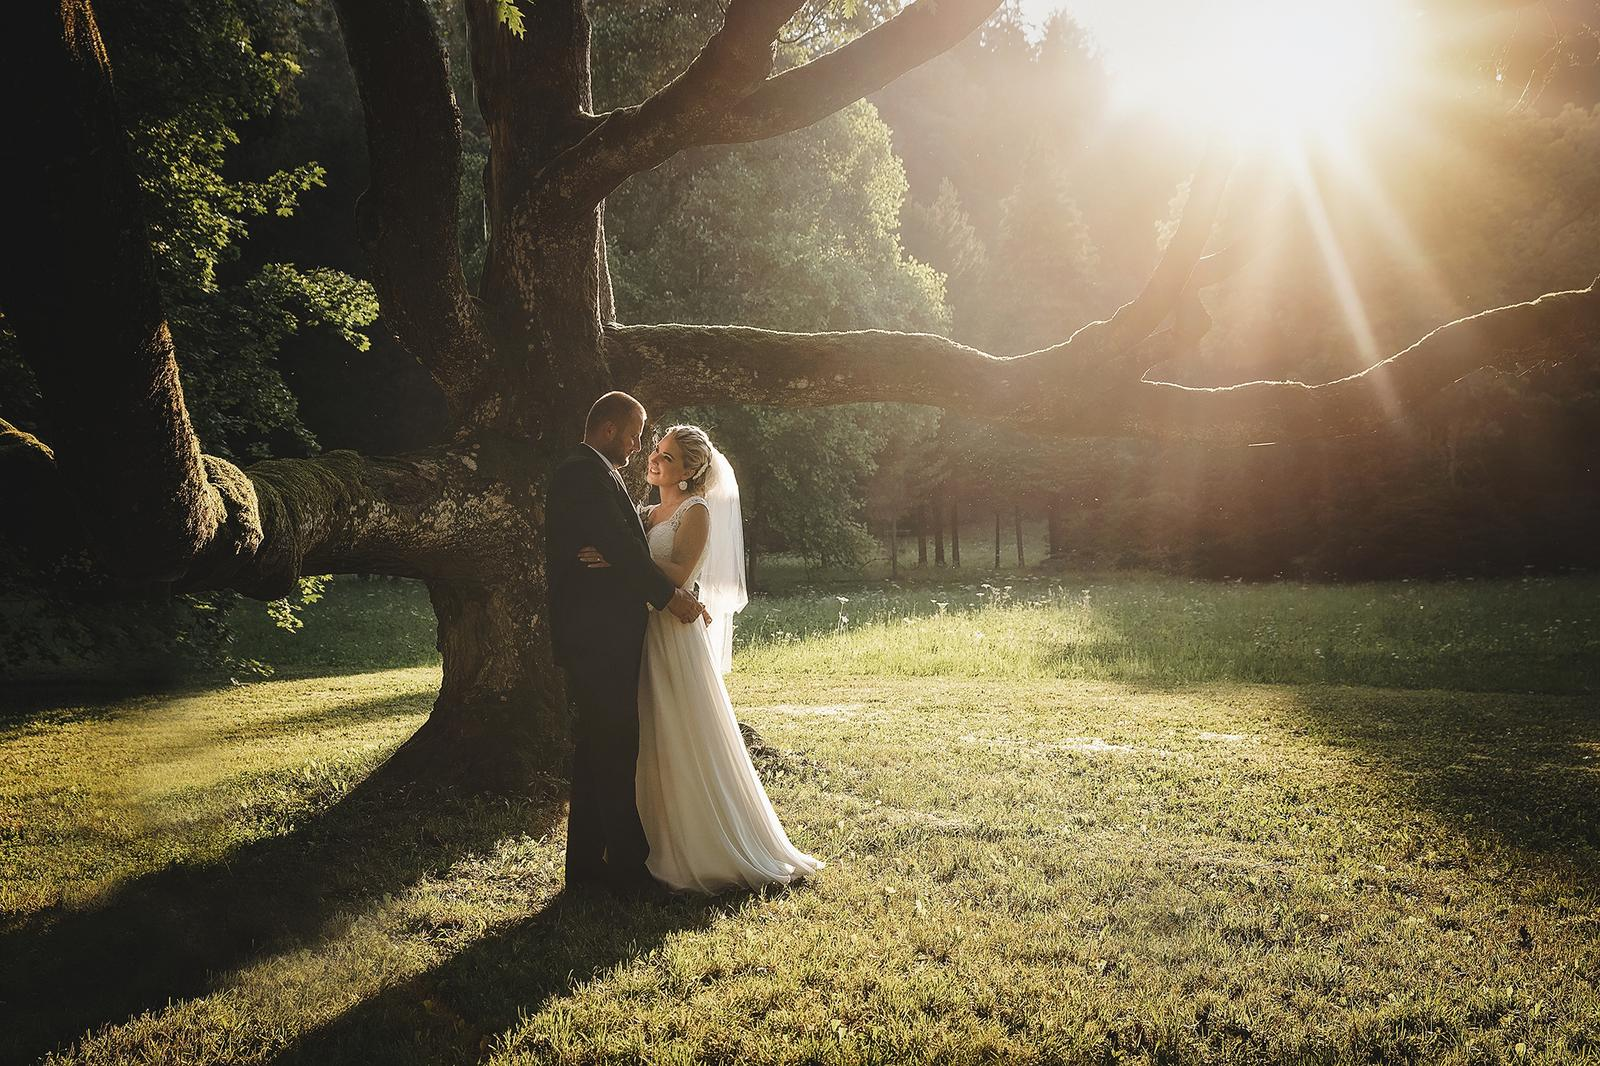 svadba bola v Júli... - Obrázok č. 1